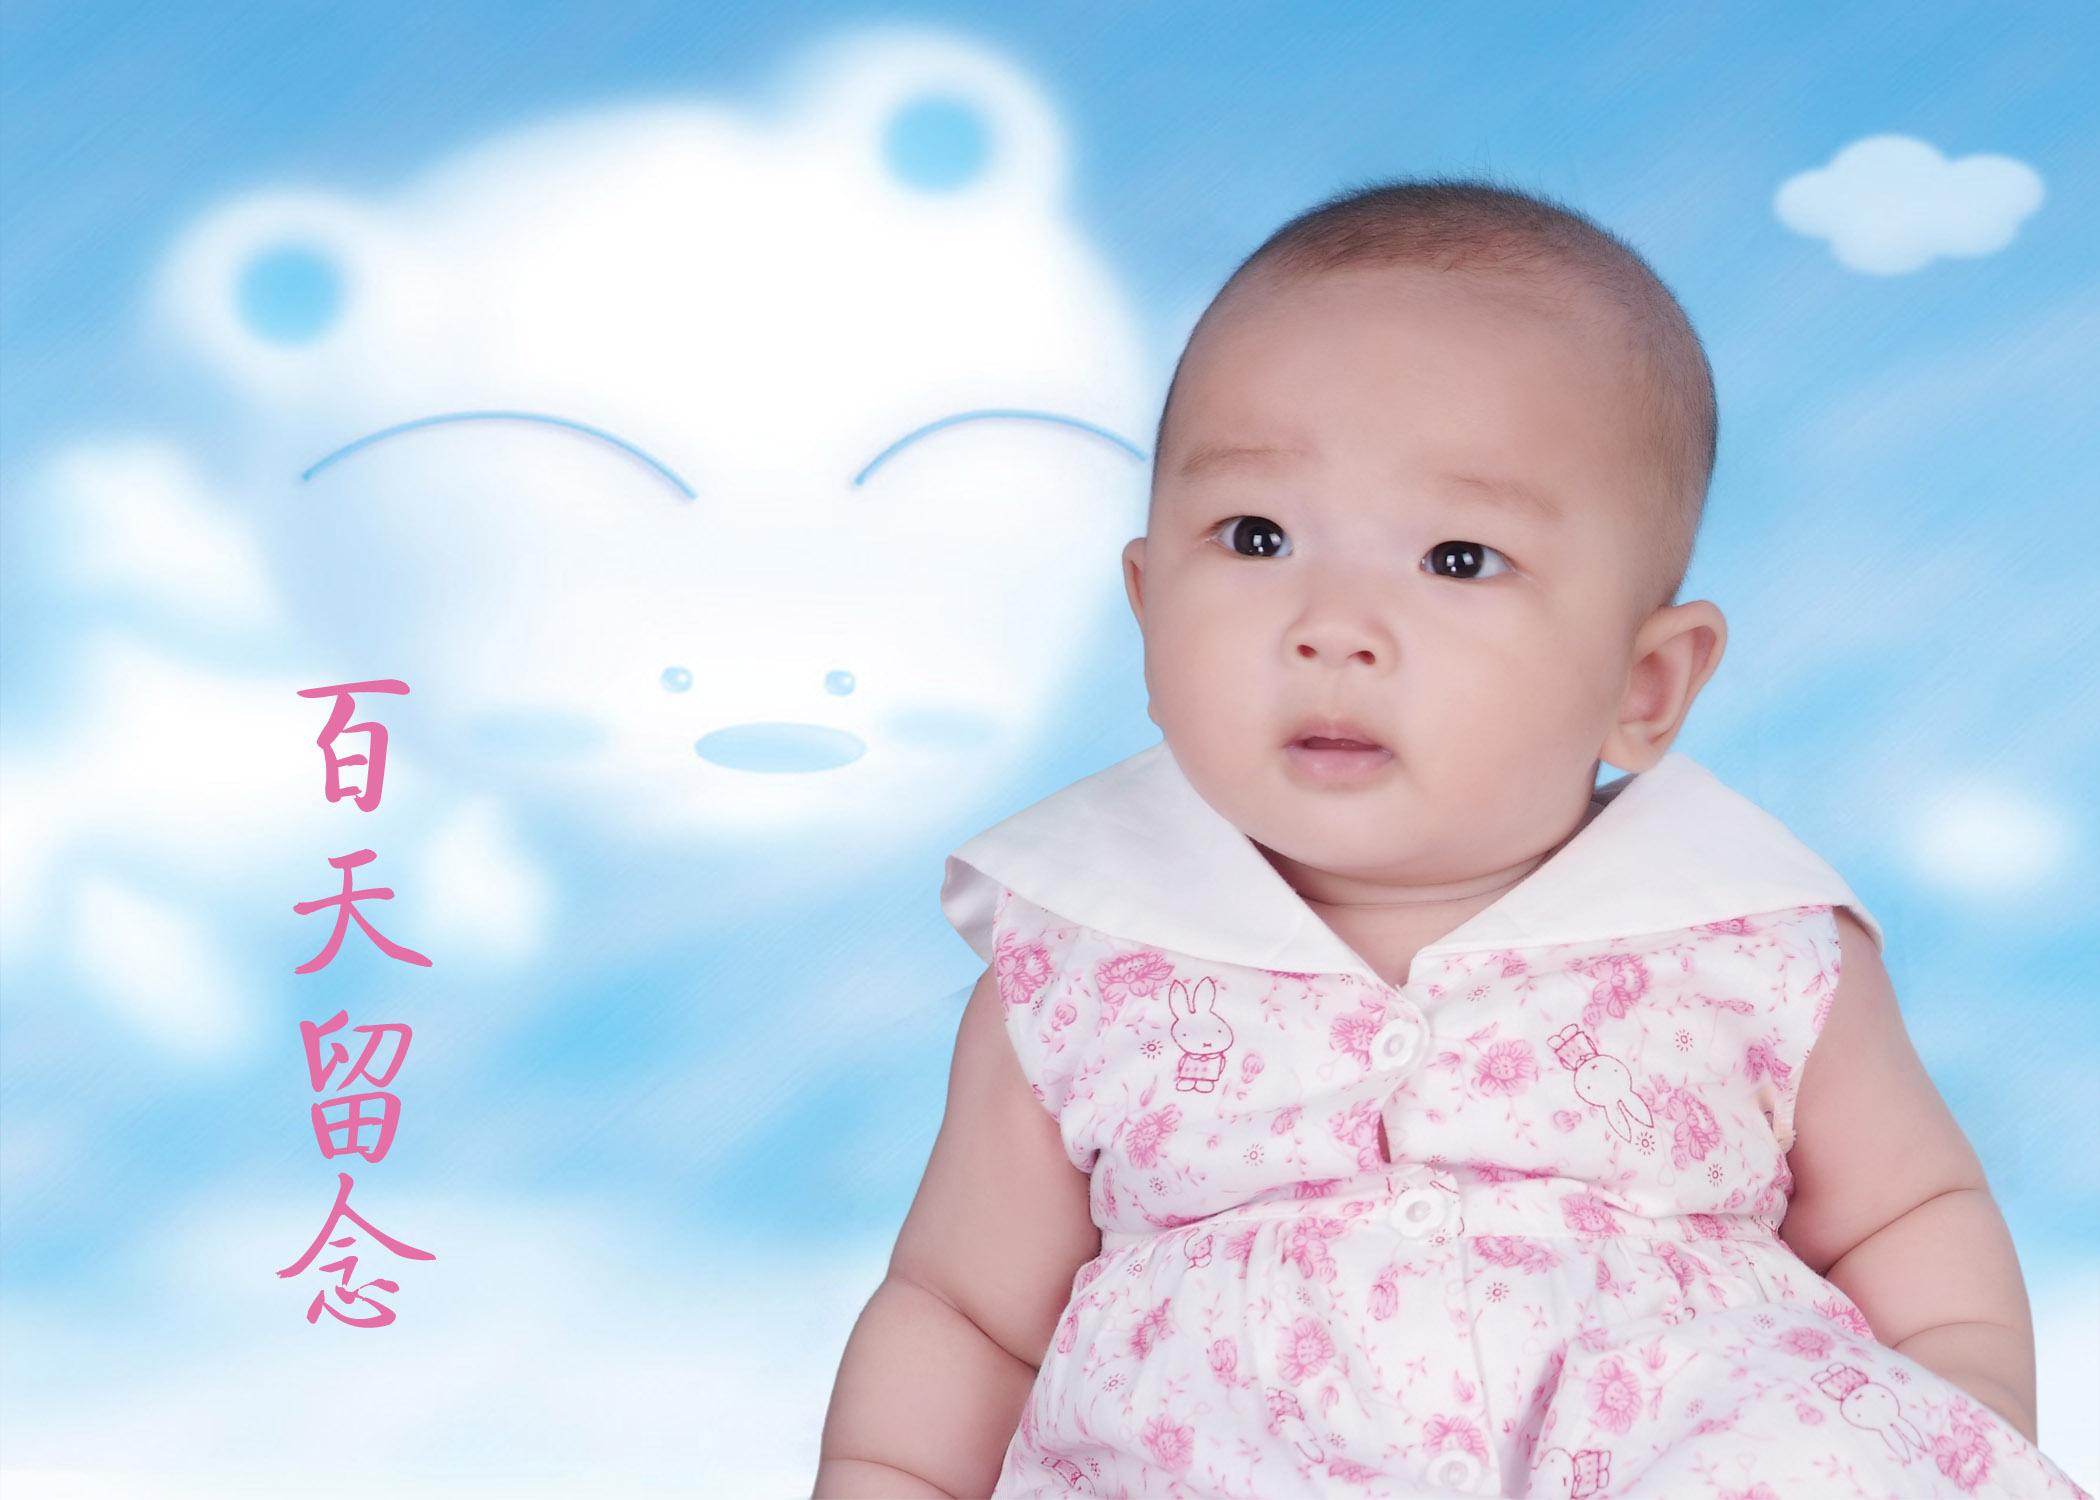 [分享]宝宝百天相片